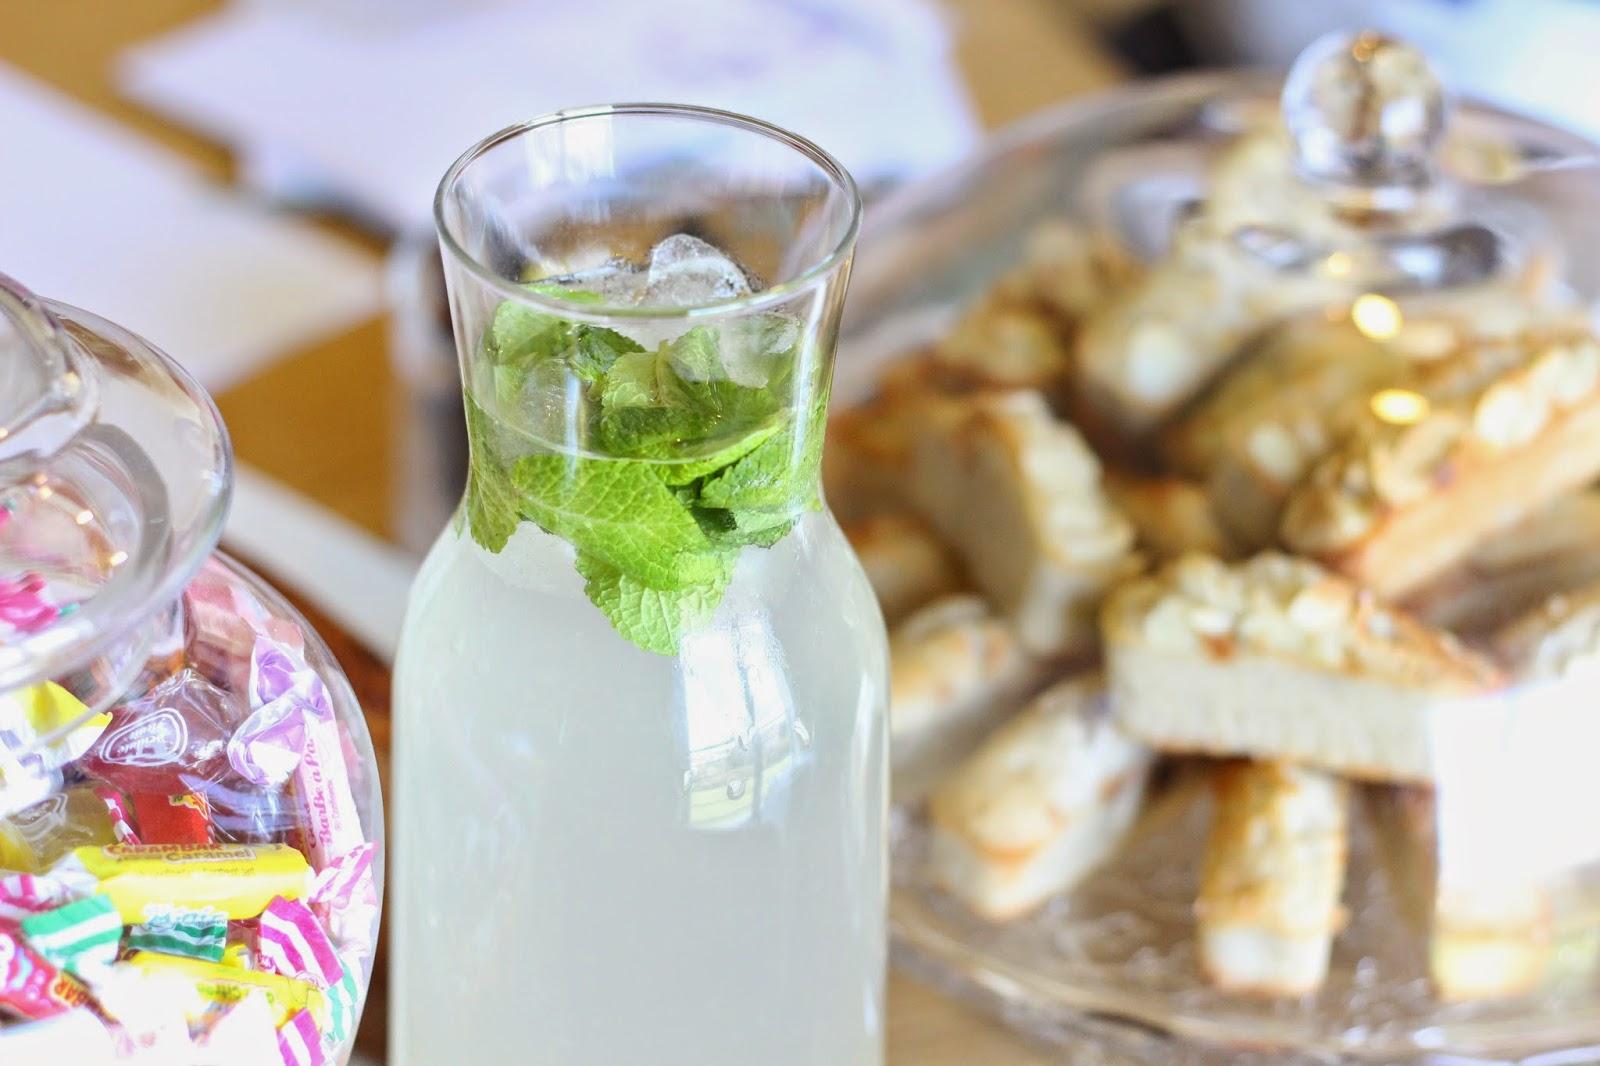 échange-découverte-papotage-goûter-citronade